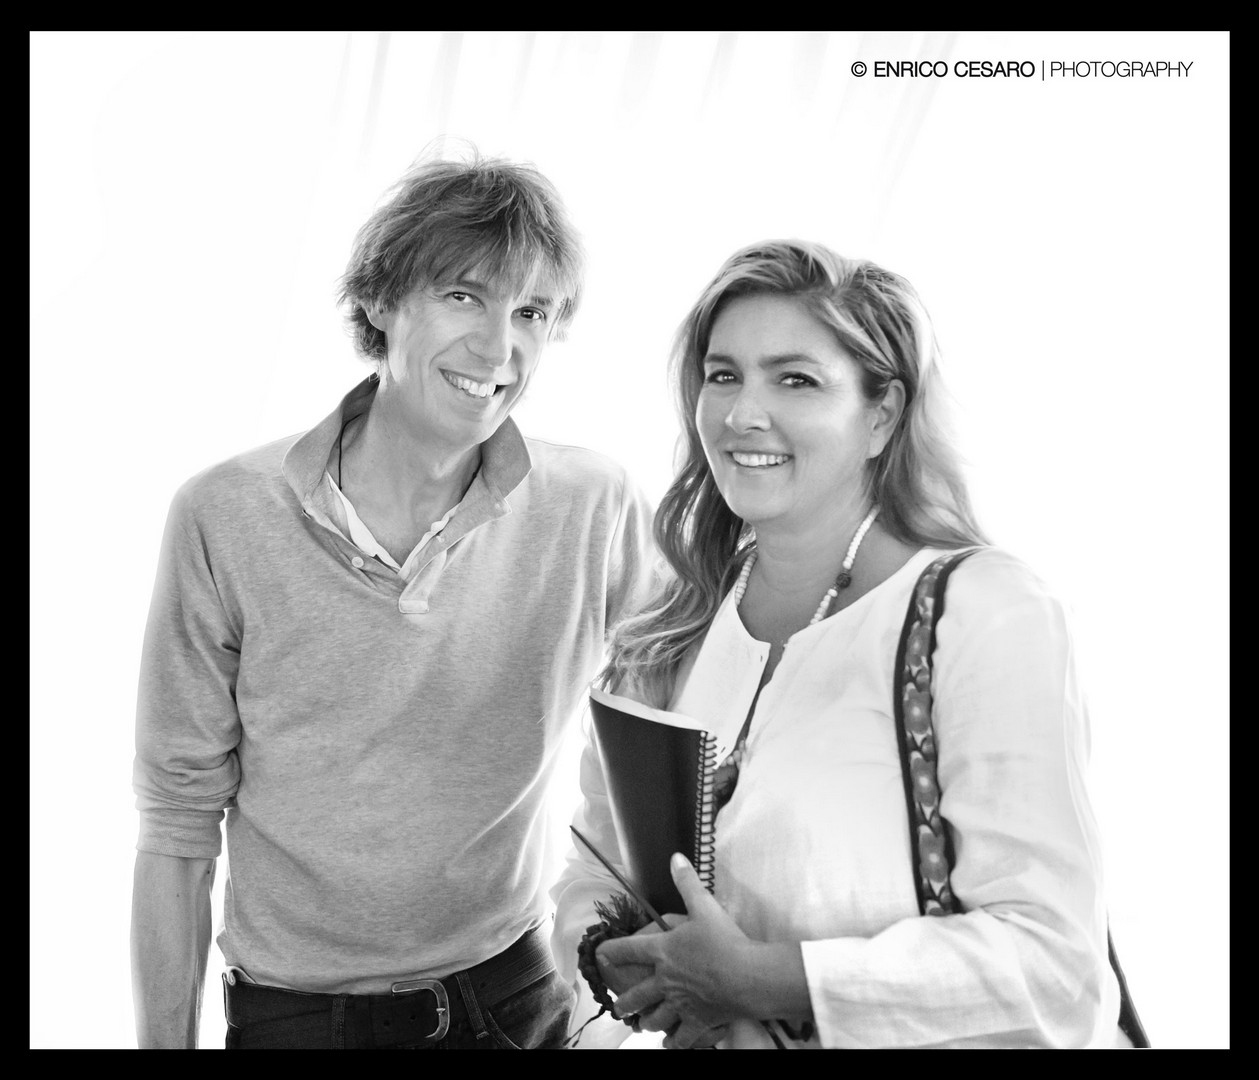 Ritrattti famosi famous portraits enrico cesaro - Interior design famosi ...